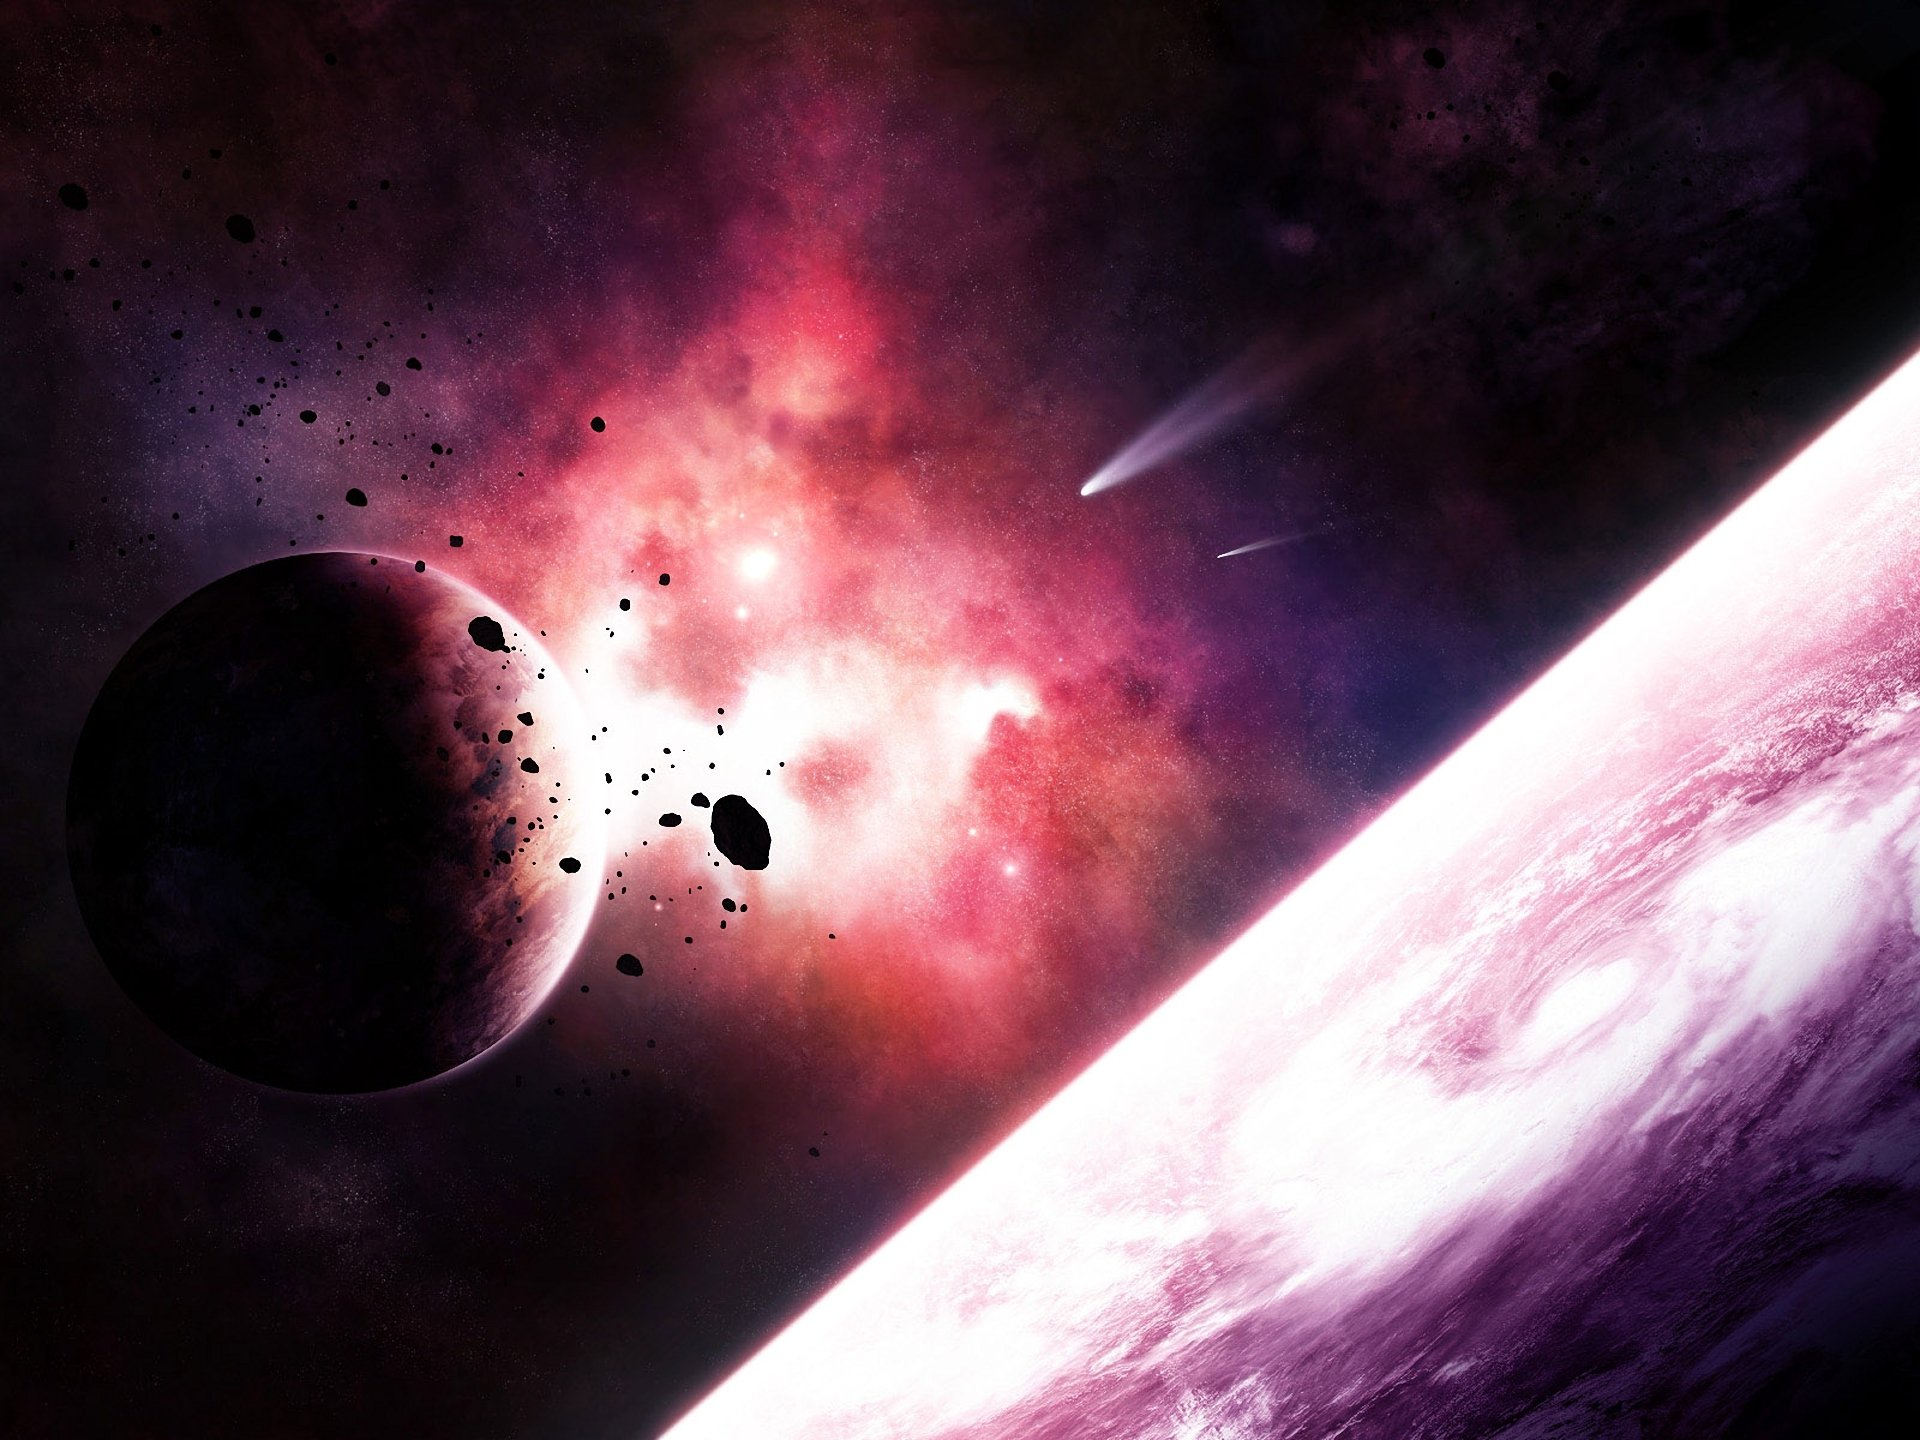 Обои космос метеориты планета картинки на рабочий стол на тему Космос - скачать без смс